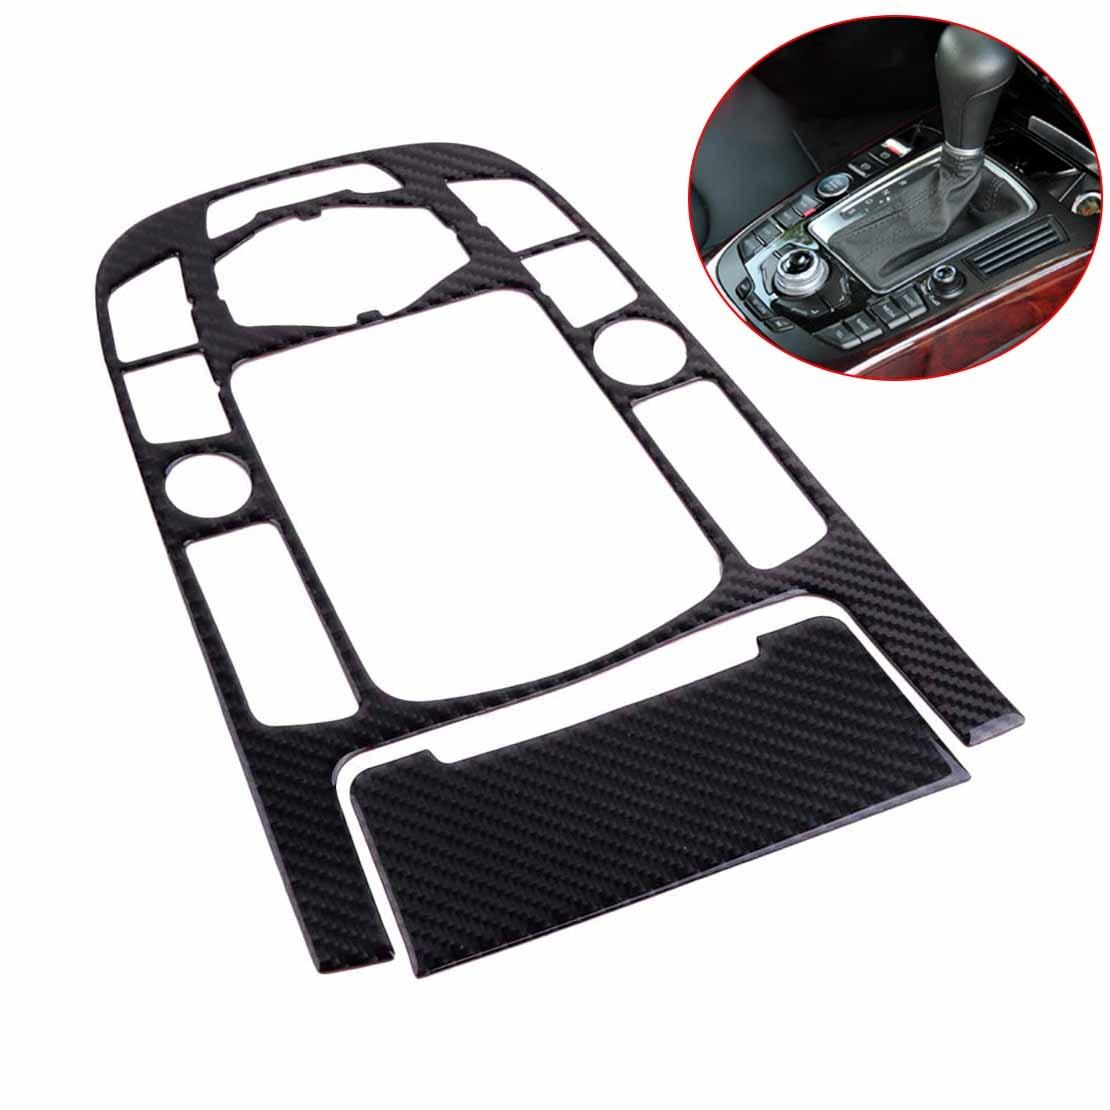 DWCX centre de contrôle de bande de Fiber de carbone panneau de changement de vitesse garniture de voiture intérieur cadre décoratif moulage adapté pour Audi A4 A5